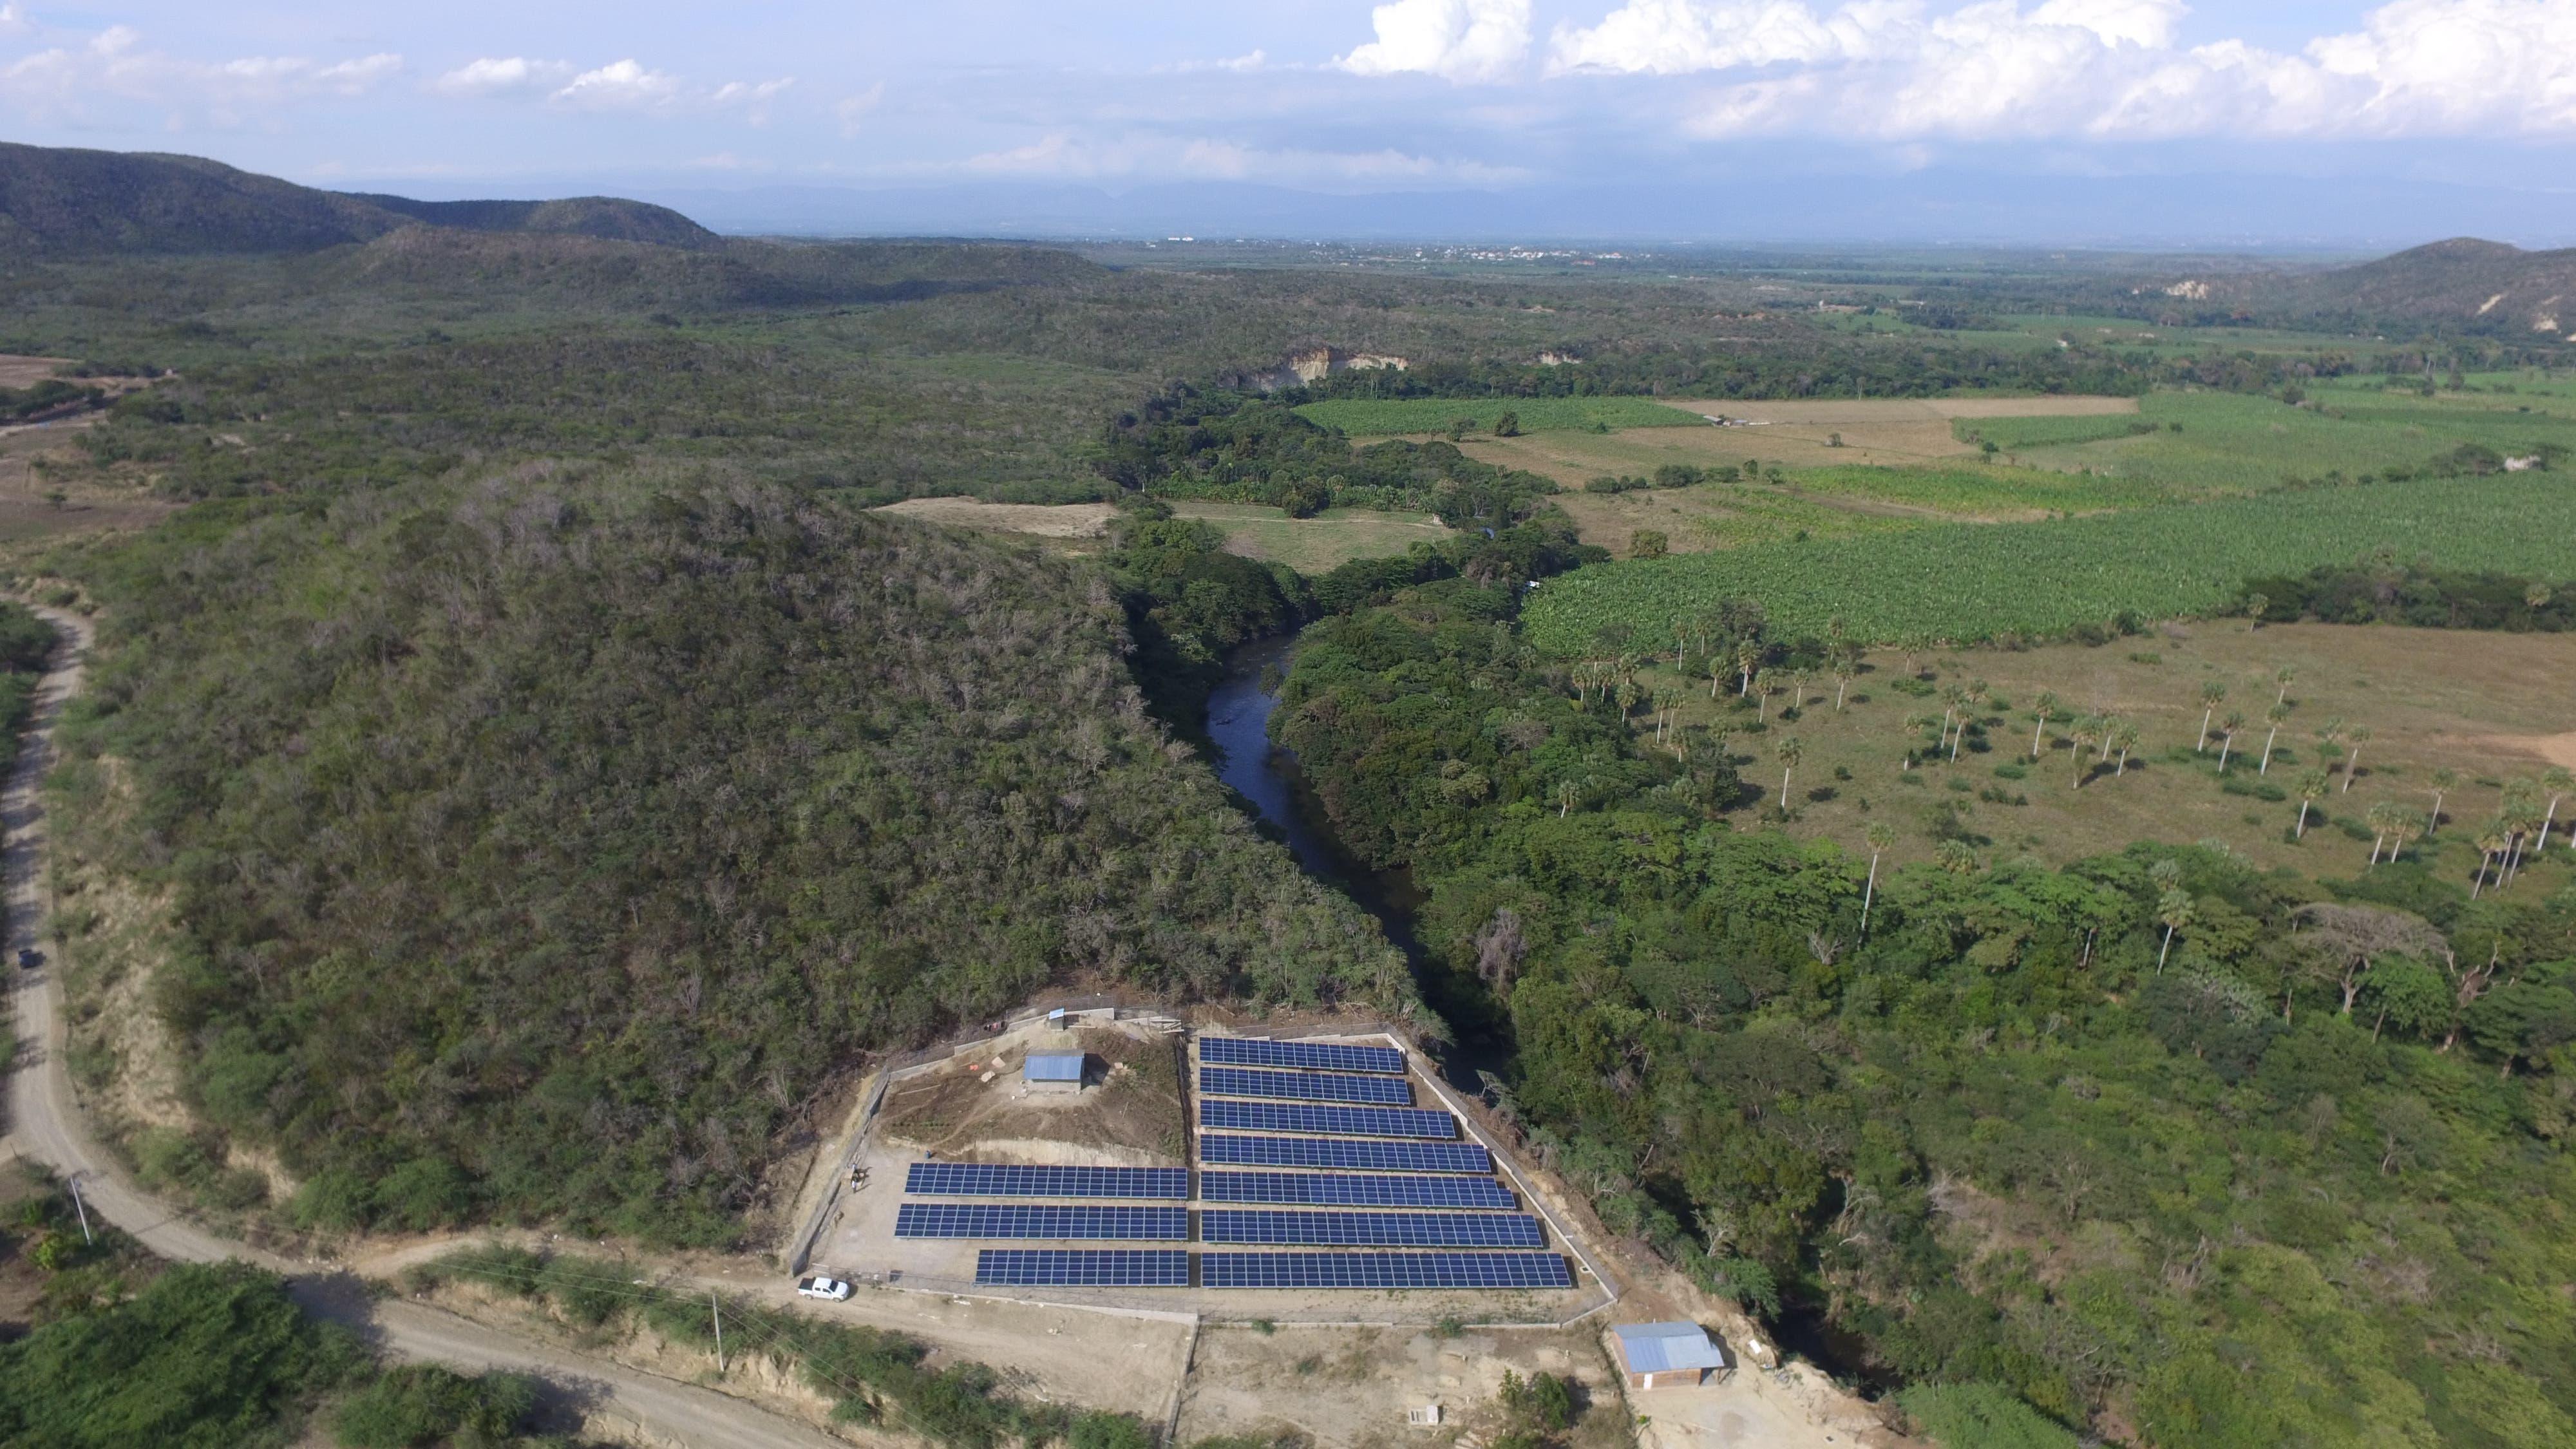 Apple asegura que todas sus instalaciones utilizan energía renovable